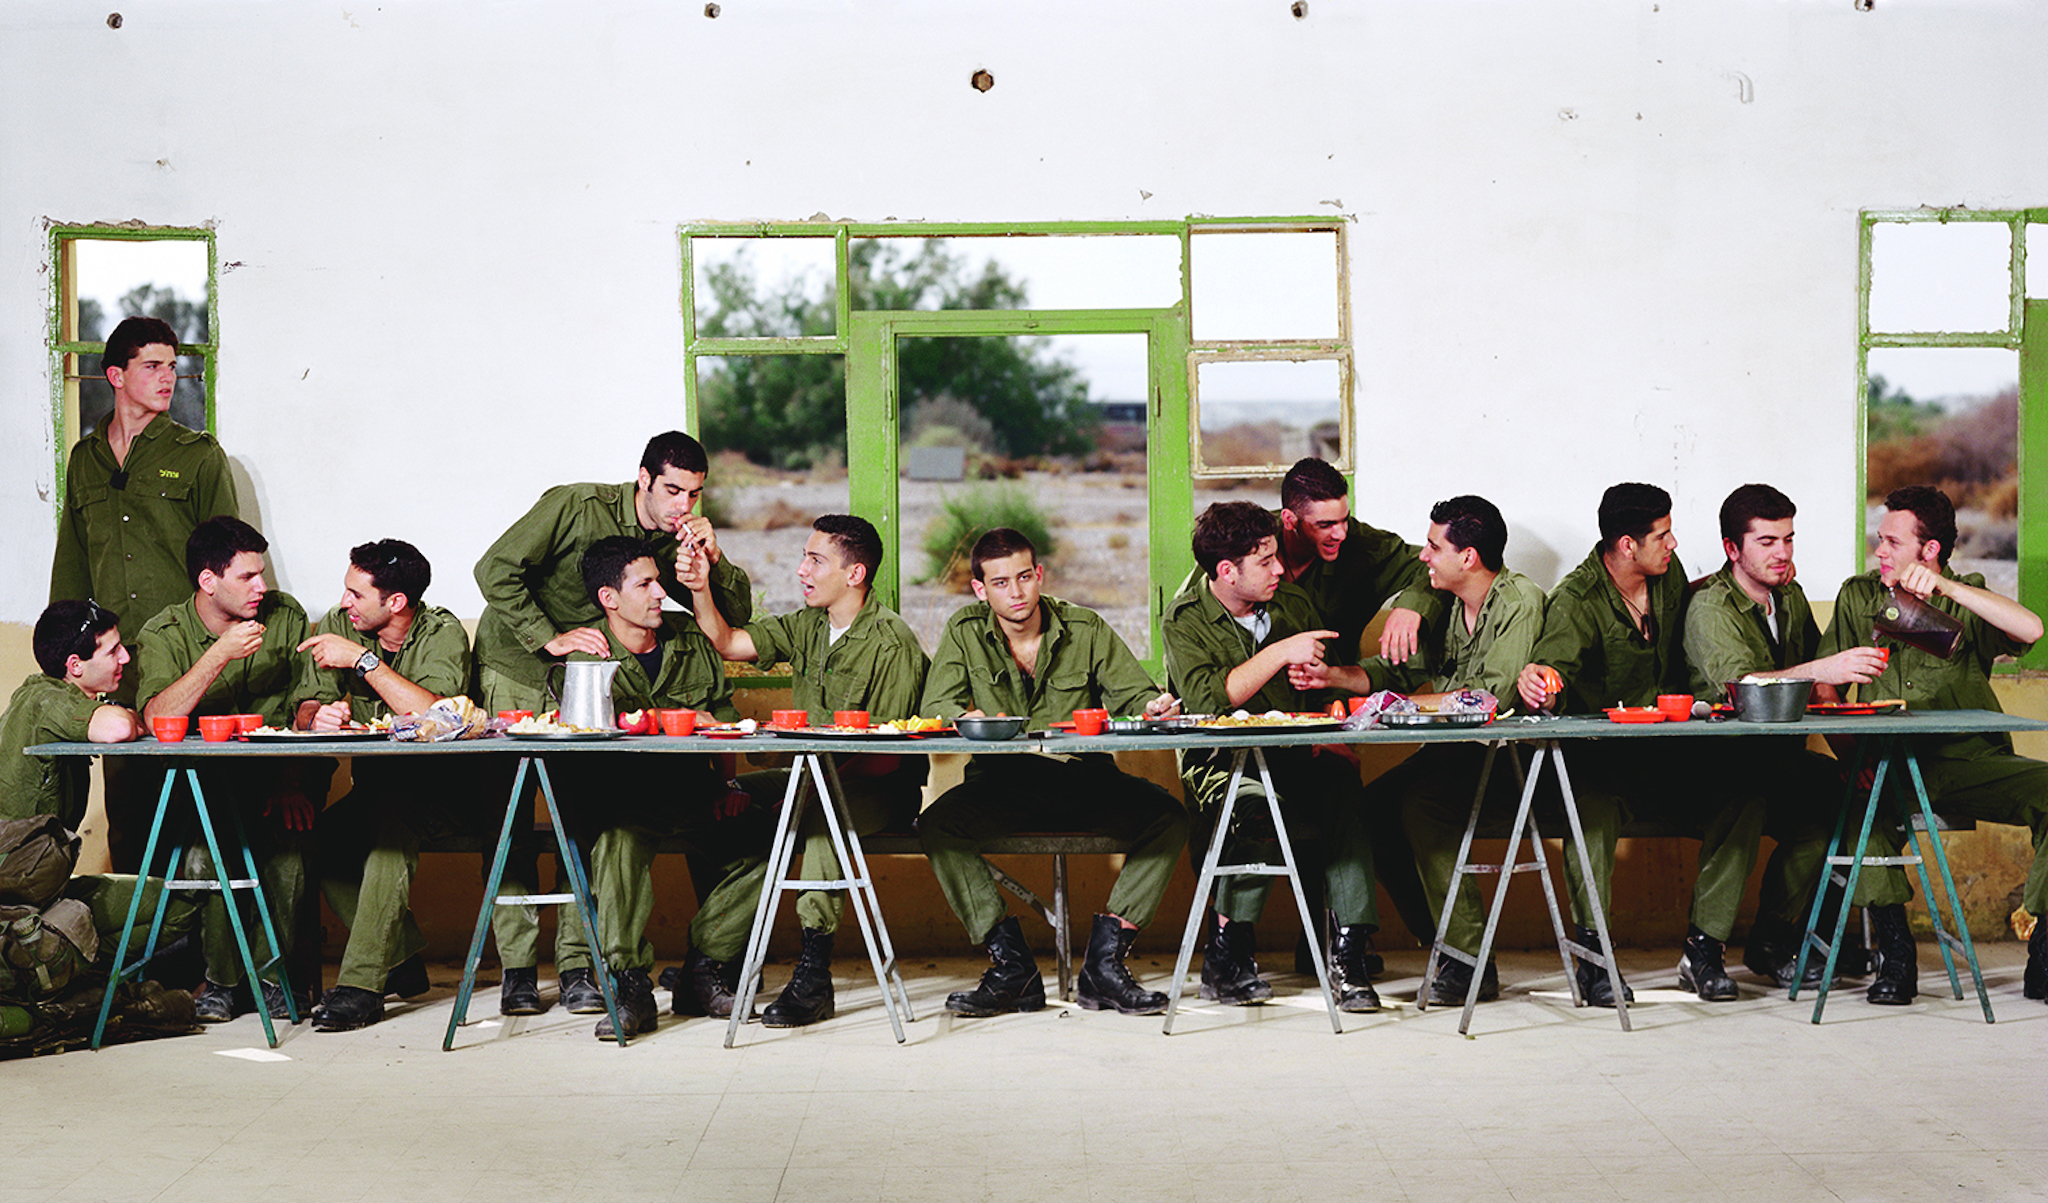 ללא כותרת (הסעודה האחרונה), 1999 אוסף מוזיאון ישראל | cc: ויקיפדיה